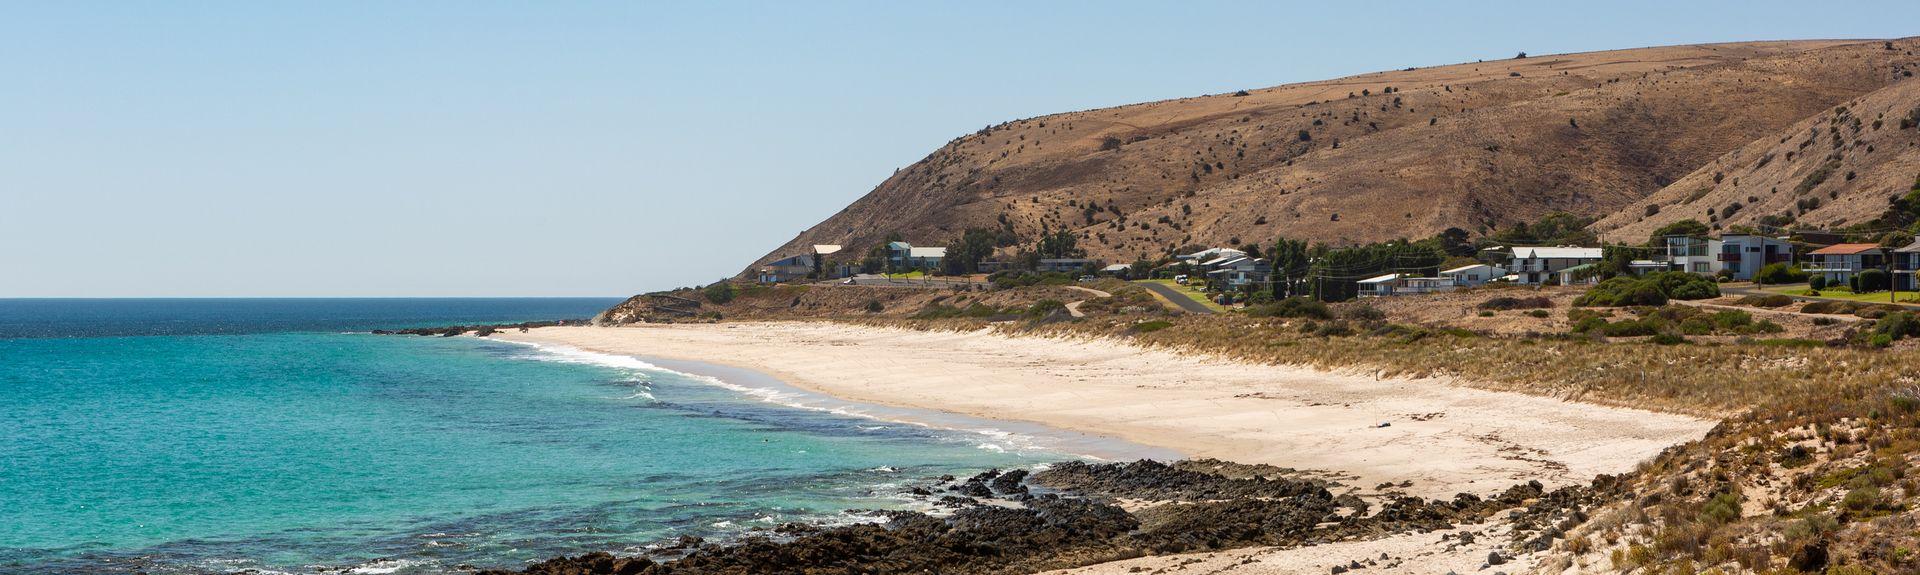 Carrickalinga SA, Australia